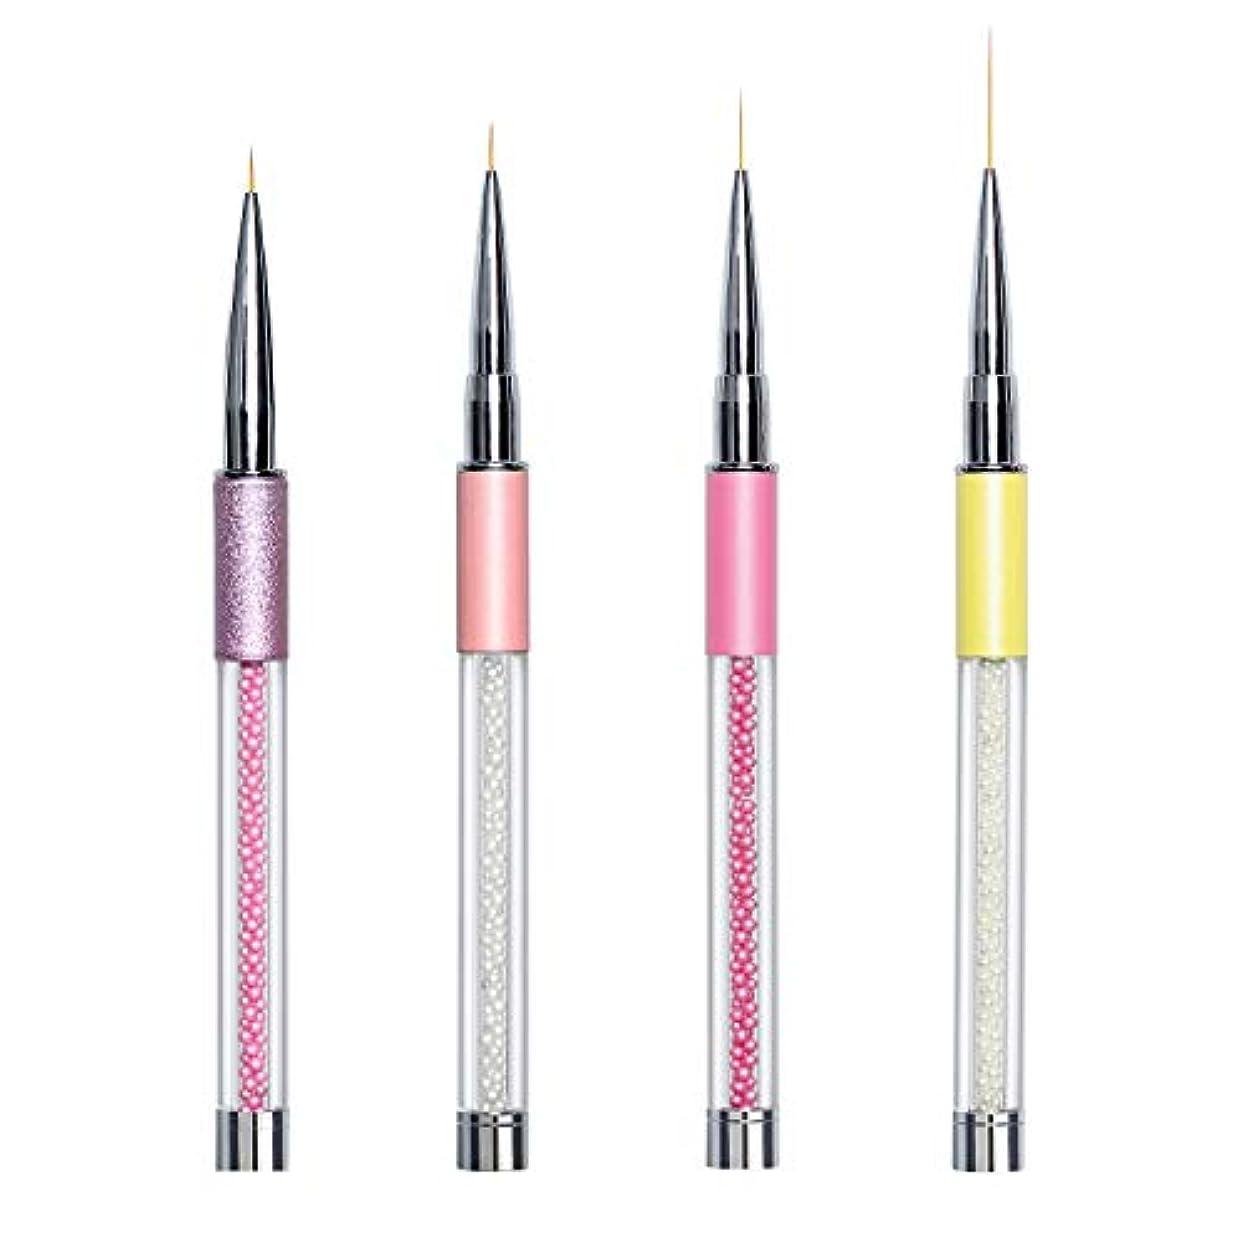 記憶に残るグリップピストルZhichengbosi ネールアートペン.ネールブラシセット マニキュアツールキット 高品質 ネイルデザイン ドットペン 4本セット(細いセット)